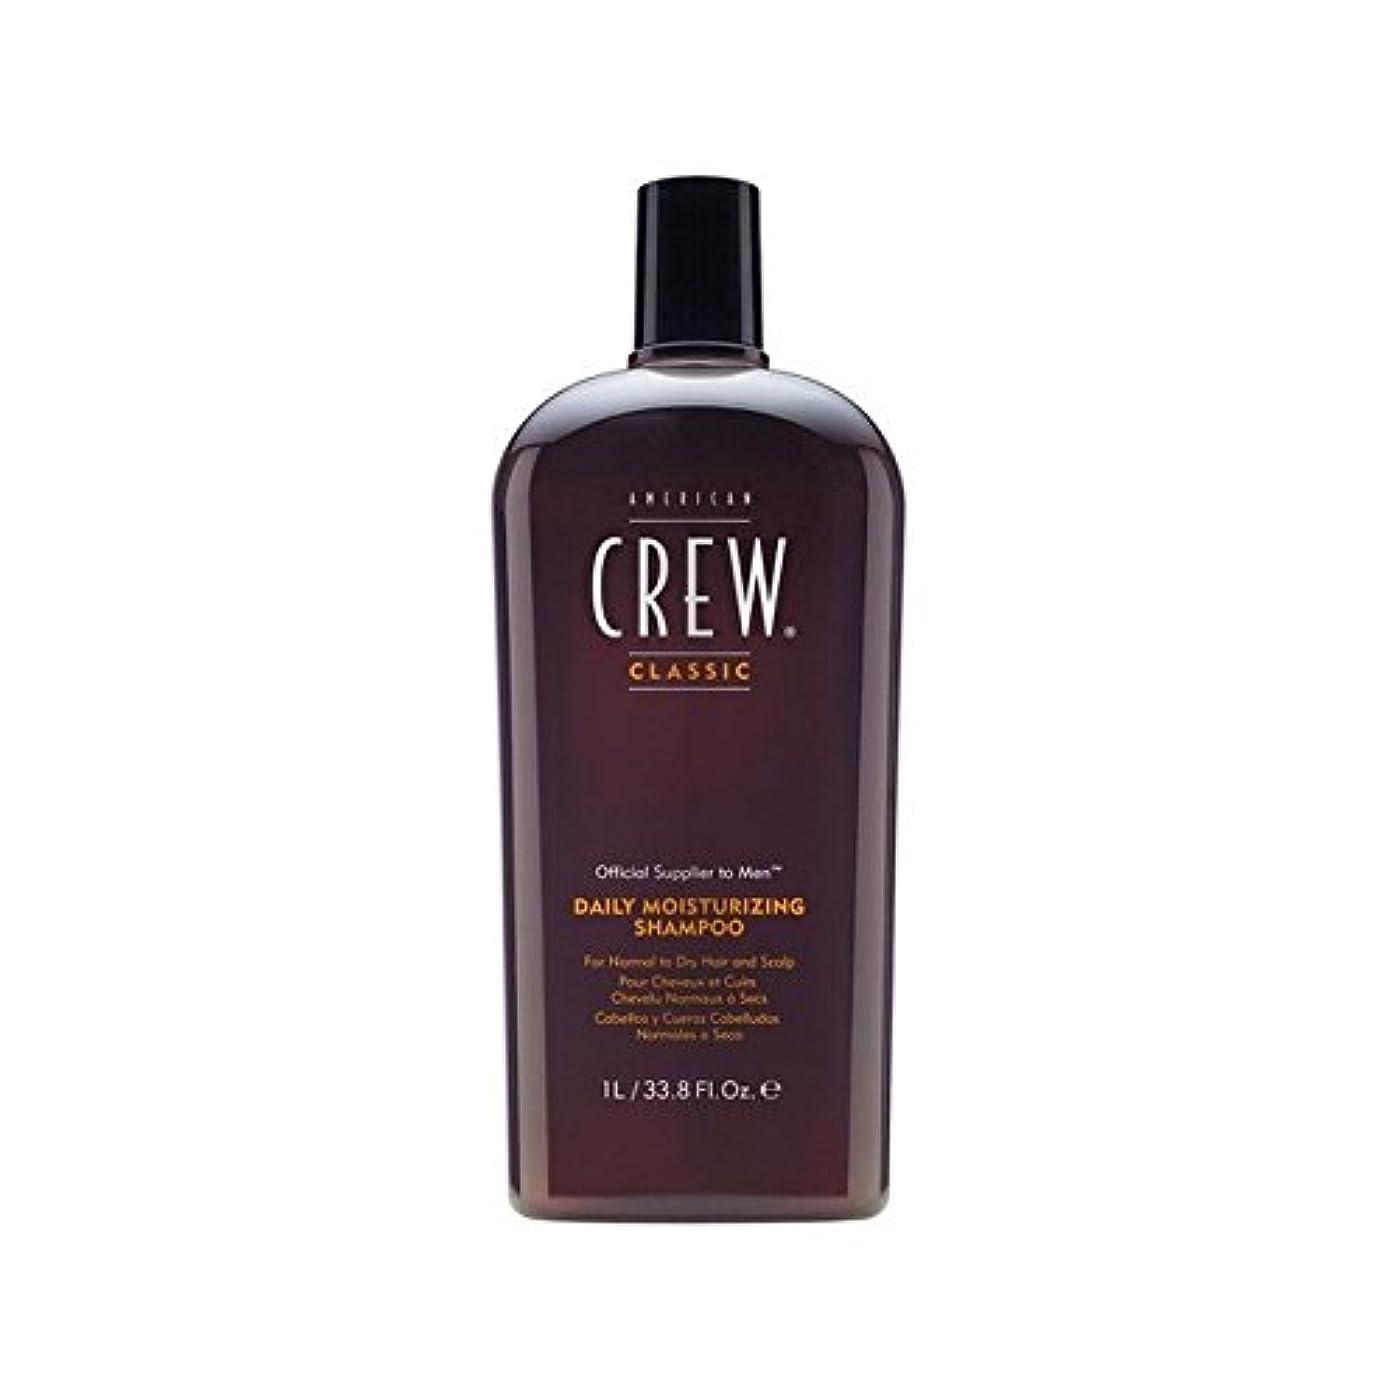 哲学的落胆したスナップアメリカの乗組員の毎日の水分シャンプー(千ミリリットル) x2 - American Crew Daily Moisture Shampoo (1000ml) (Pack of 2) [並行輸入品]